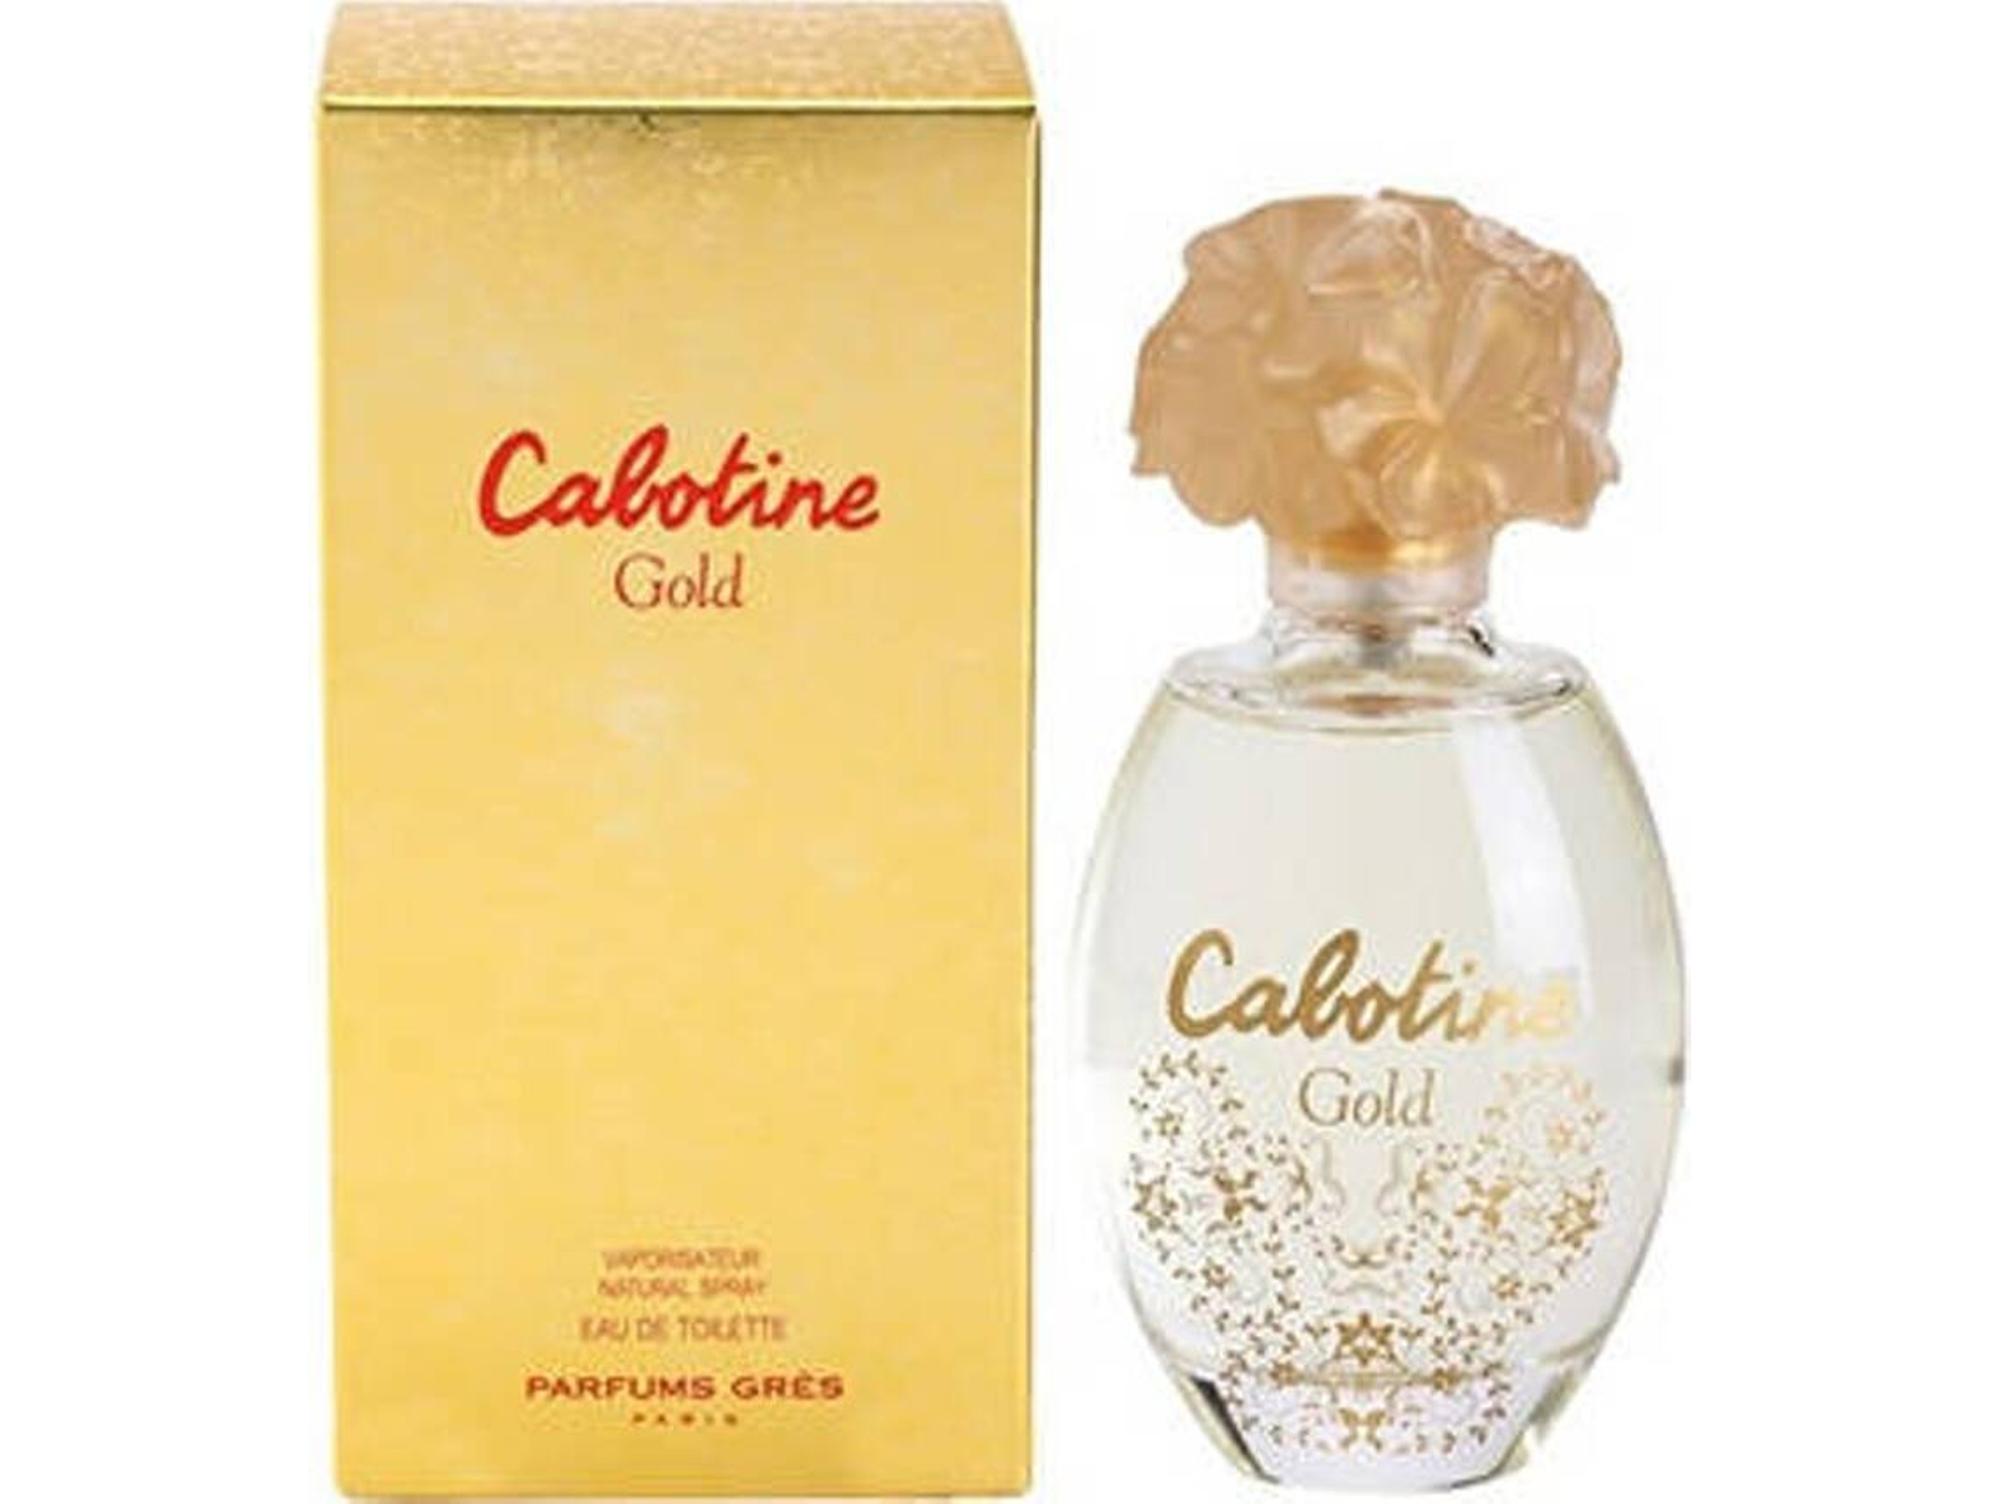 Perfume GRES Cabotine Gold Woman (Eau de Toilette 50ml)